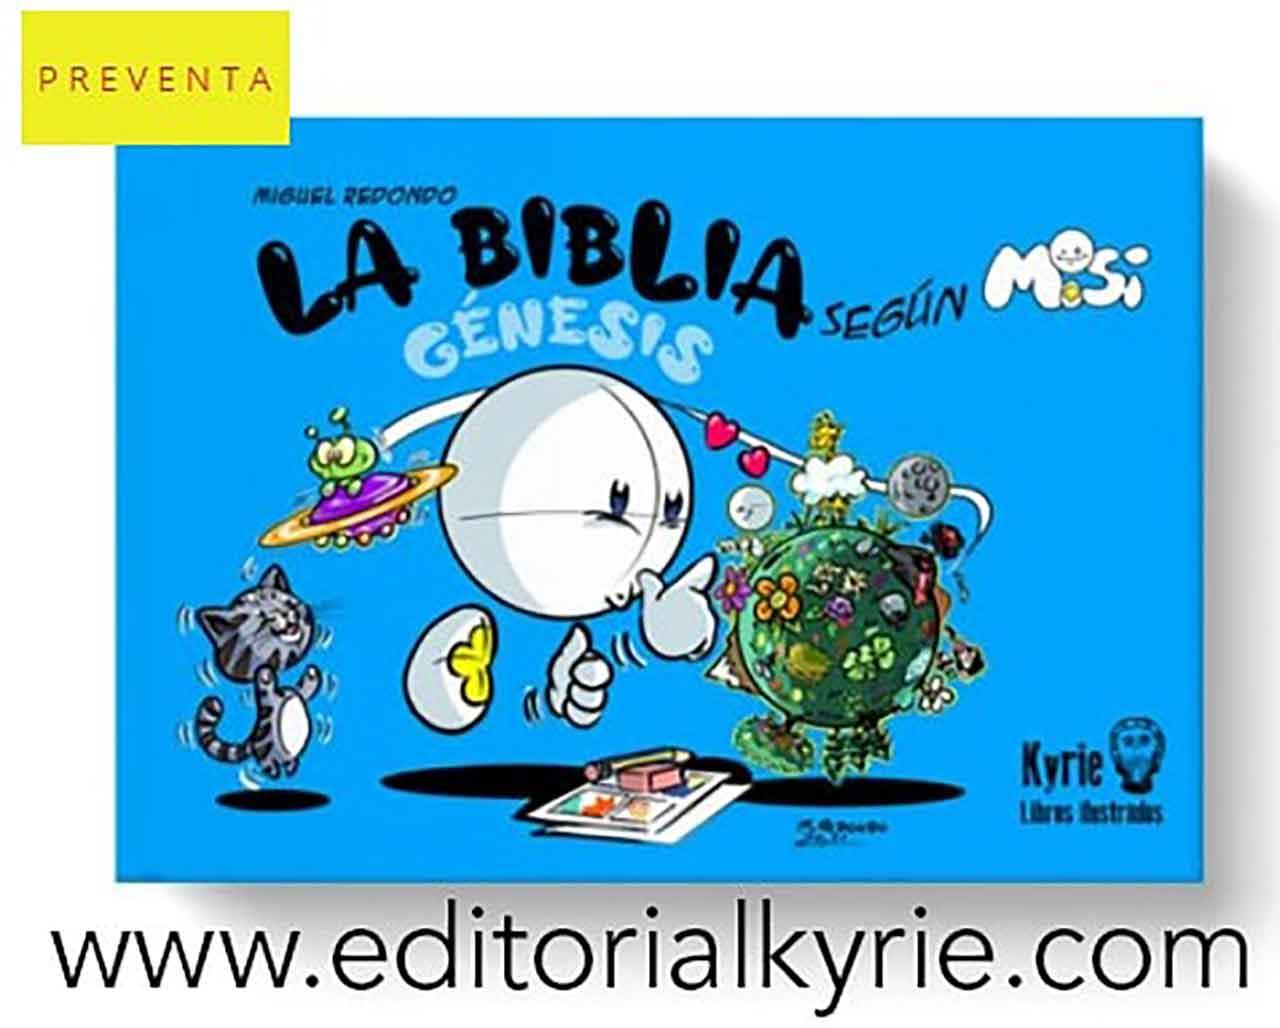 Sale a la luz el comic de Misi del artista católico Miguel Redondo con la Editorial Kyrie